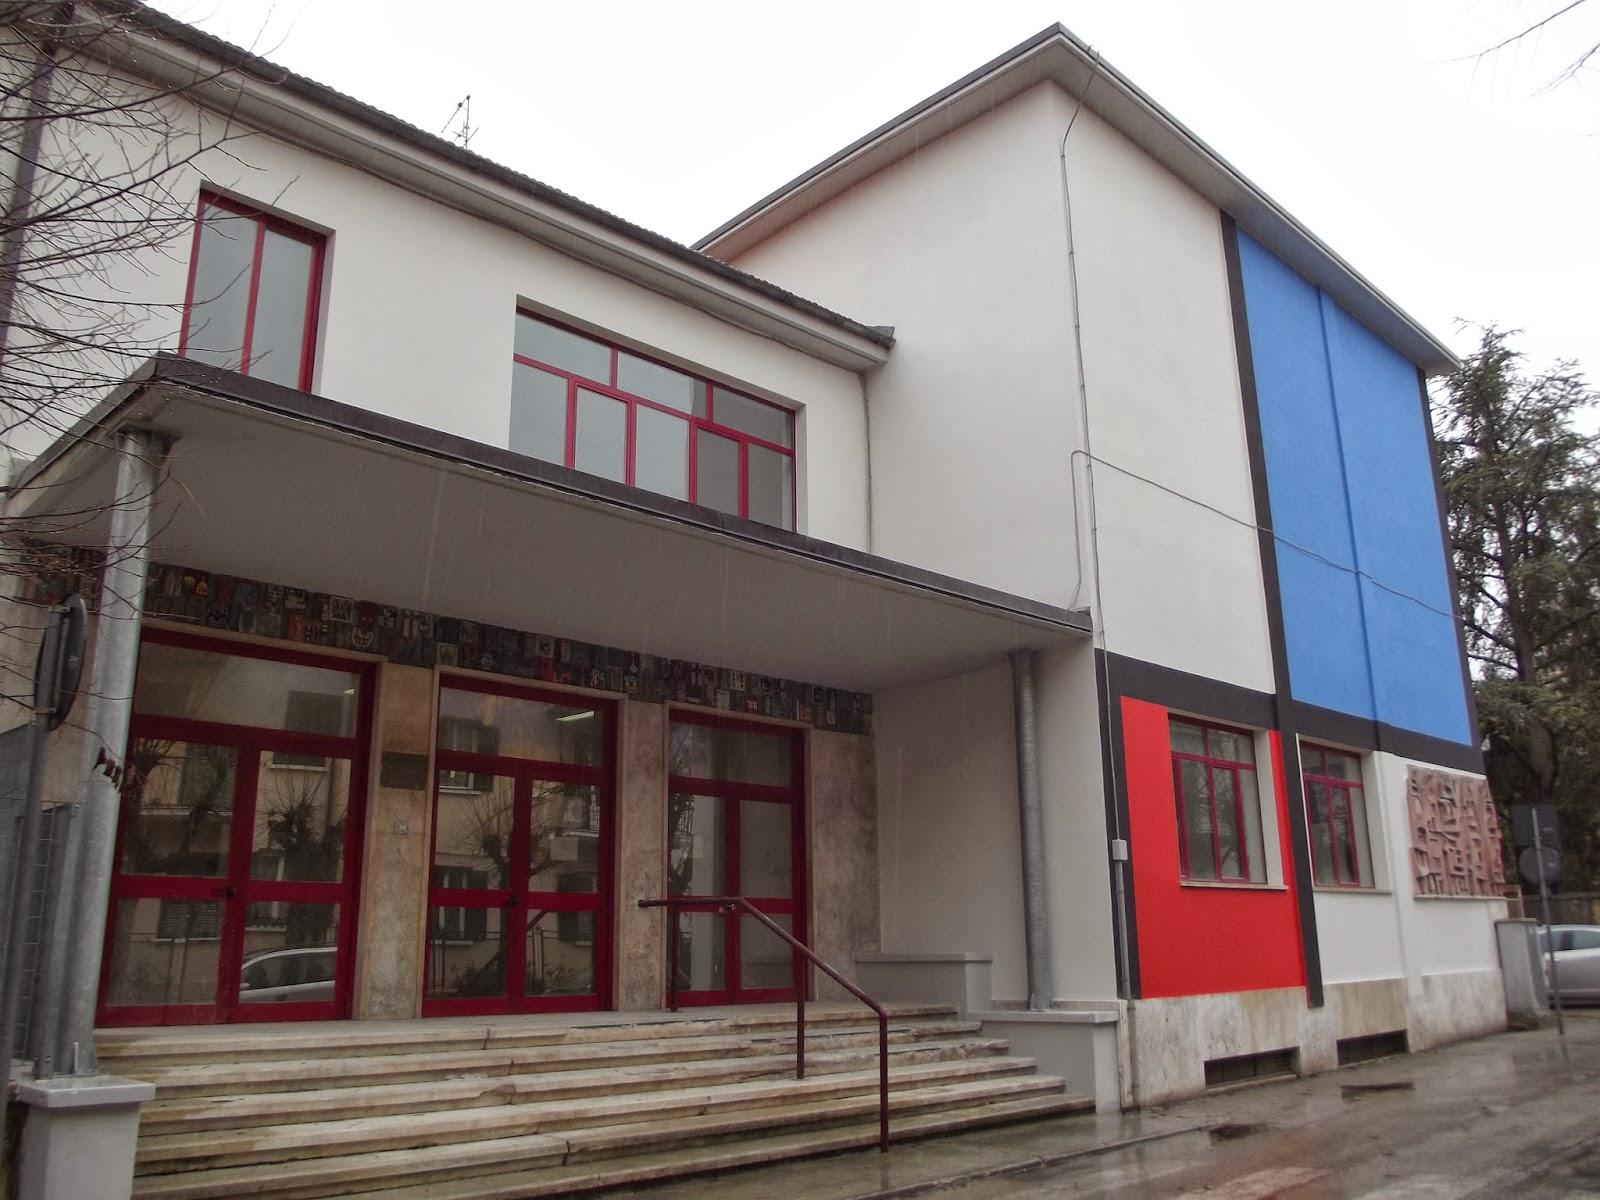 Centroabruzzonews istituto superiore ovidio al via la for Istituto superiore